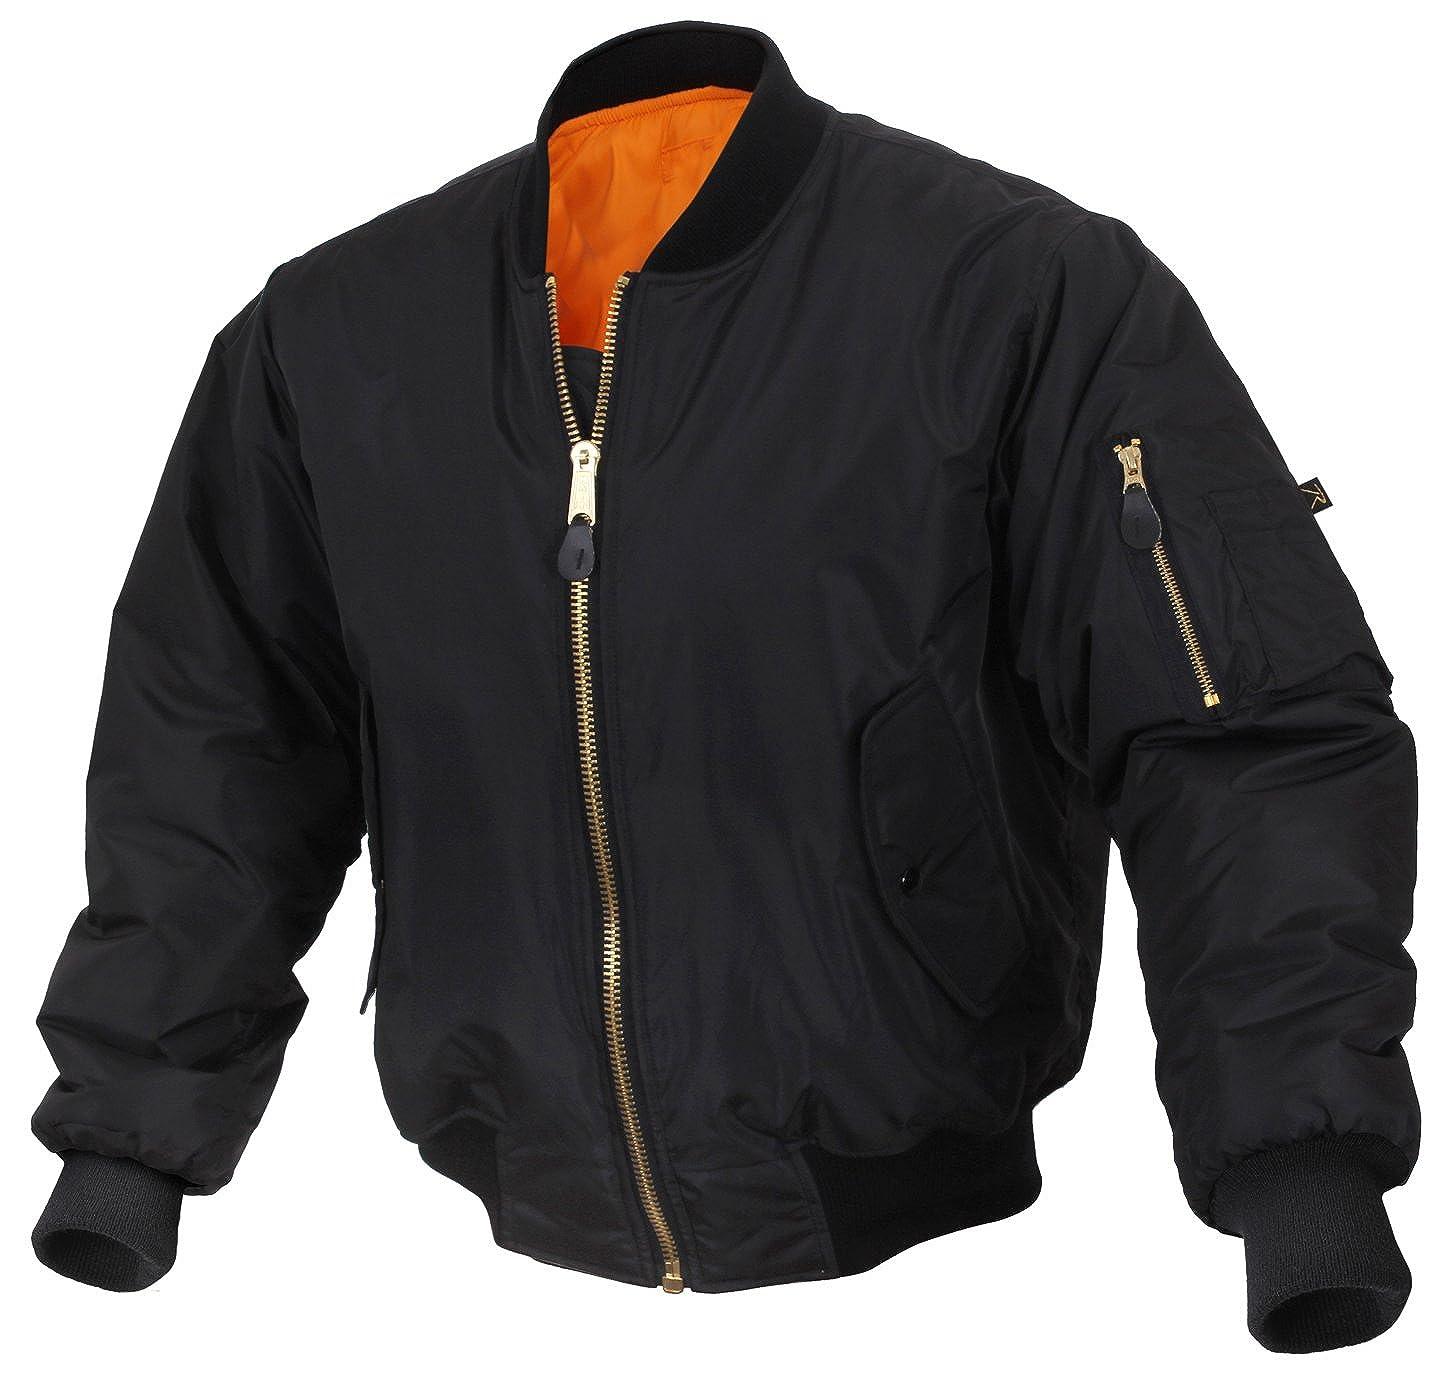 Amazon.com  Rothco Enhanced Nylon MA-1 Flight Jacket  Clothing f0662f83ec5